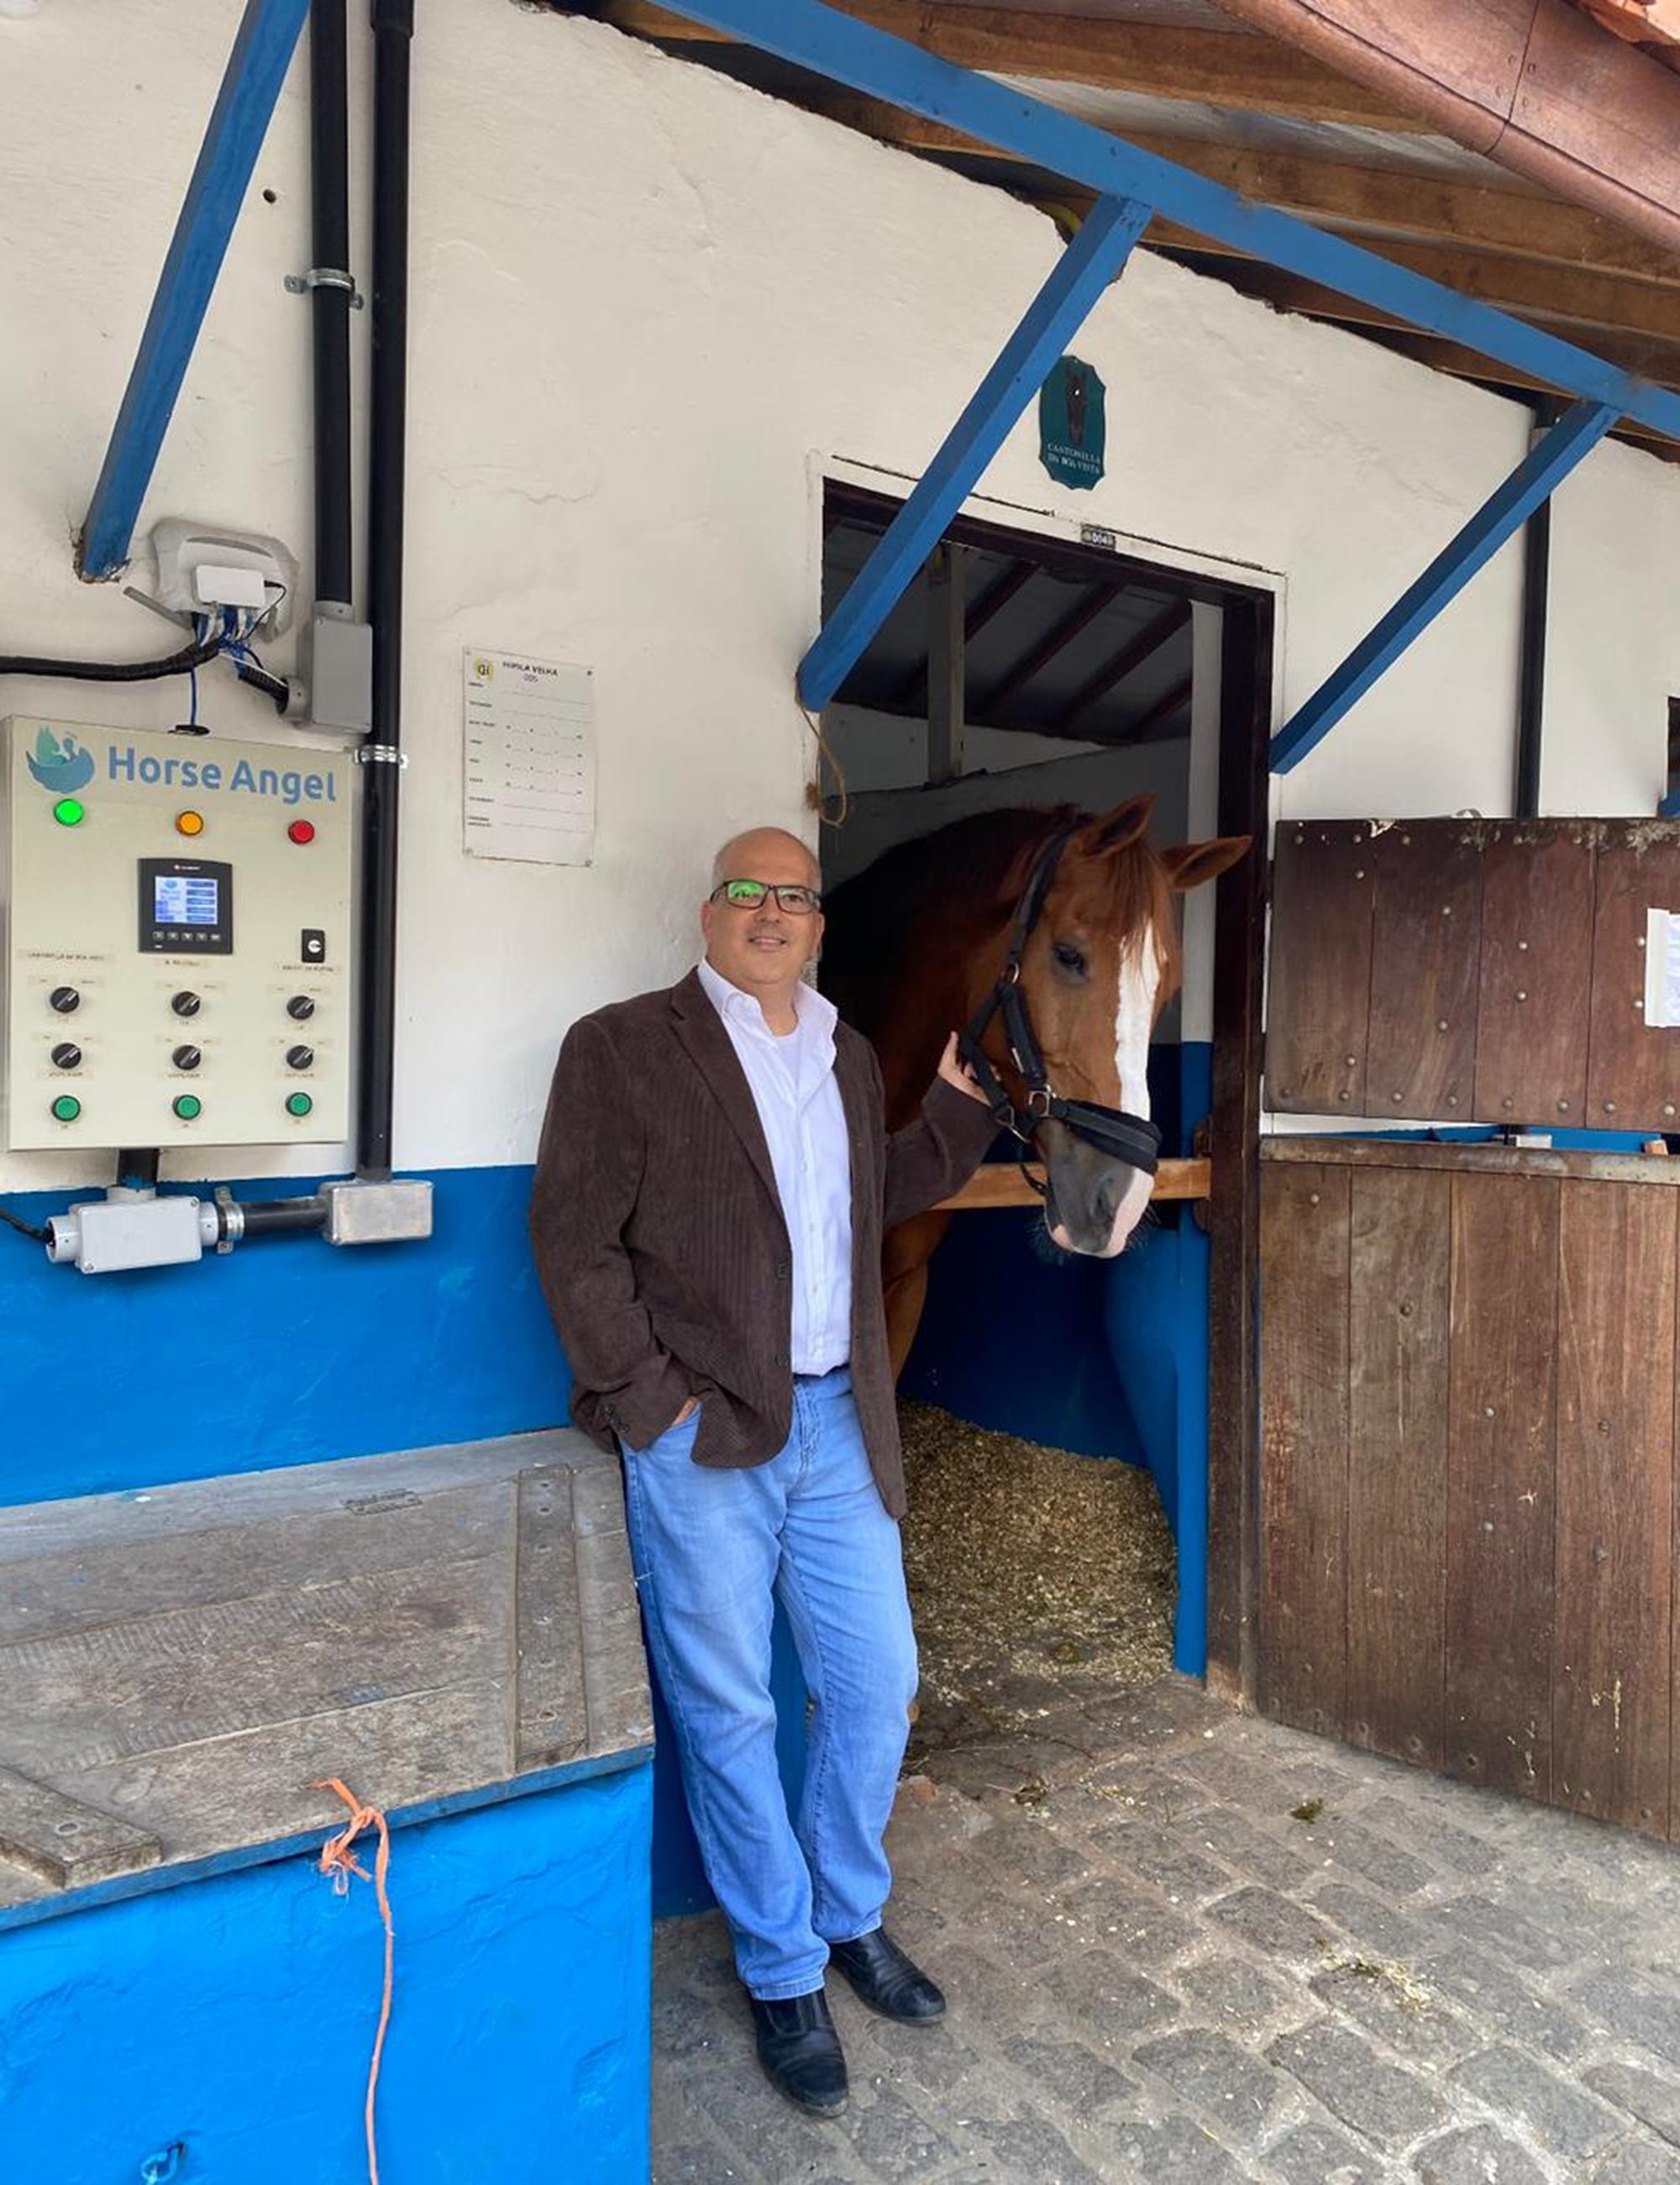 horse angel, Manejo de cavalo, Luiz Vieira, cocheiras, Divulgação